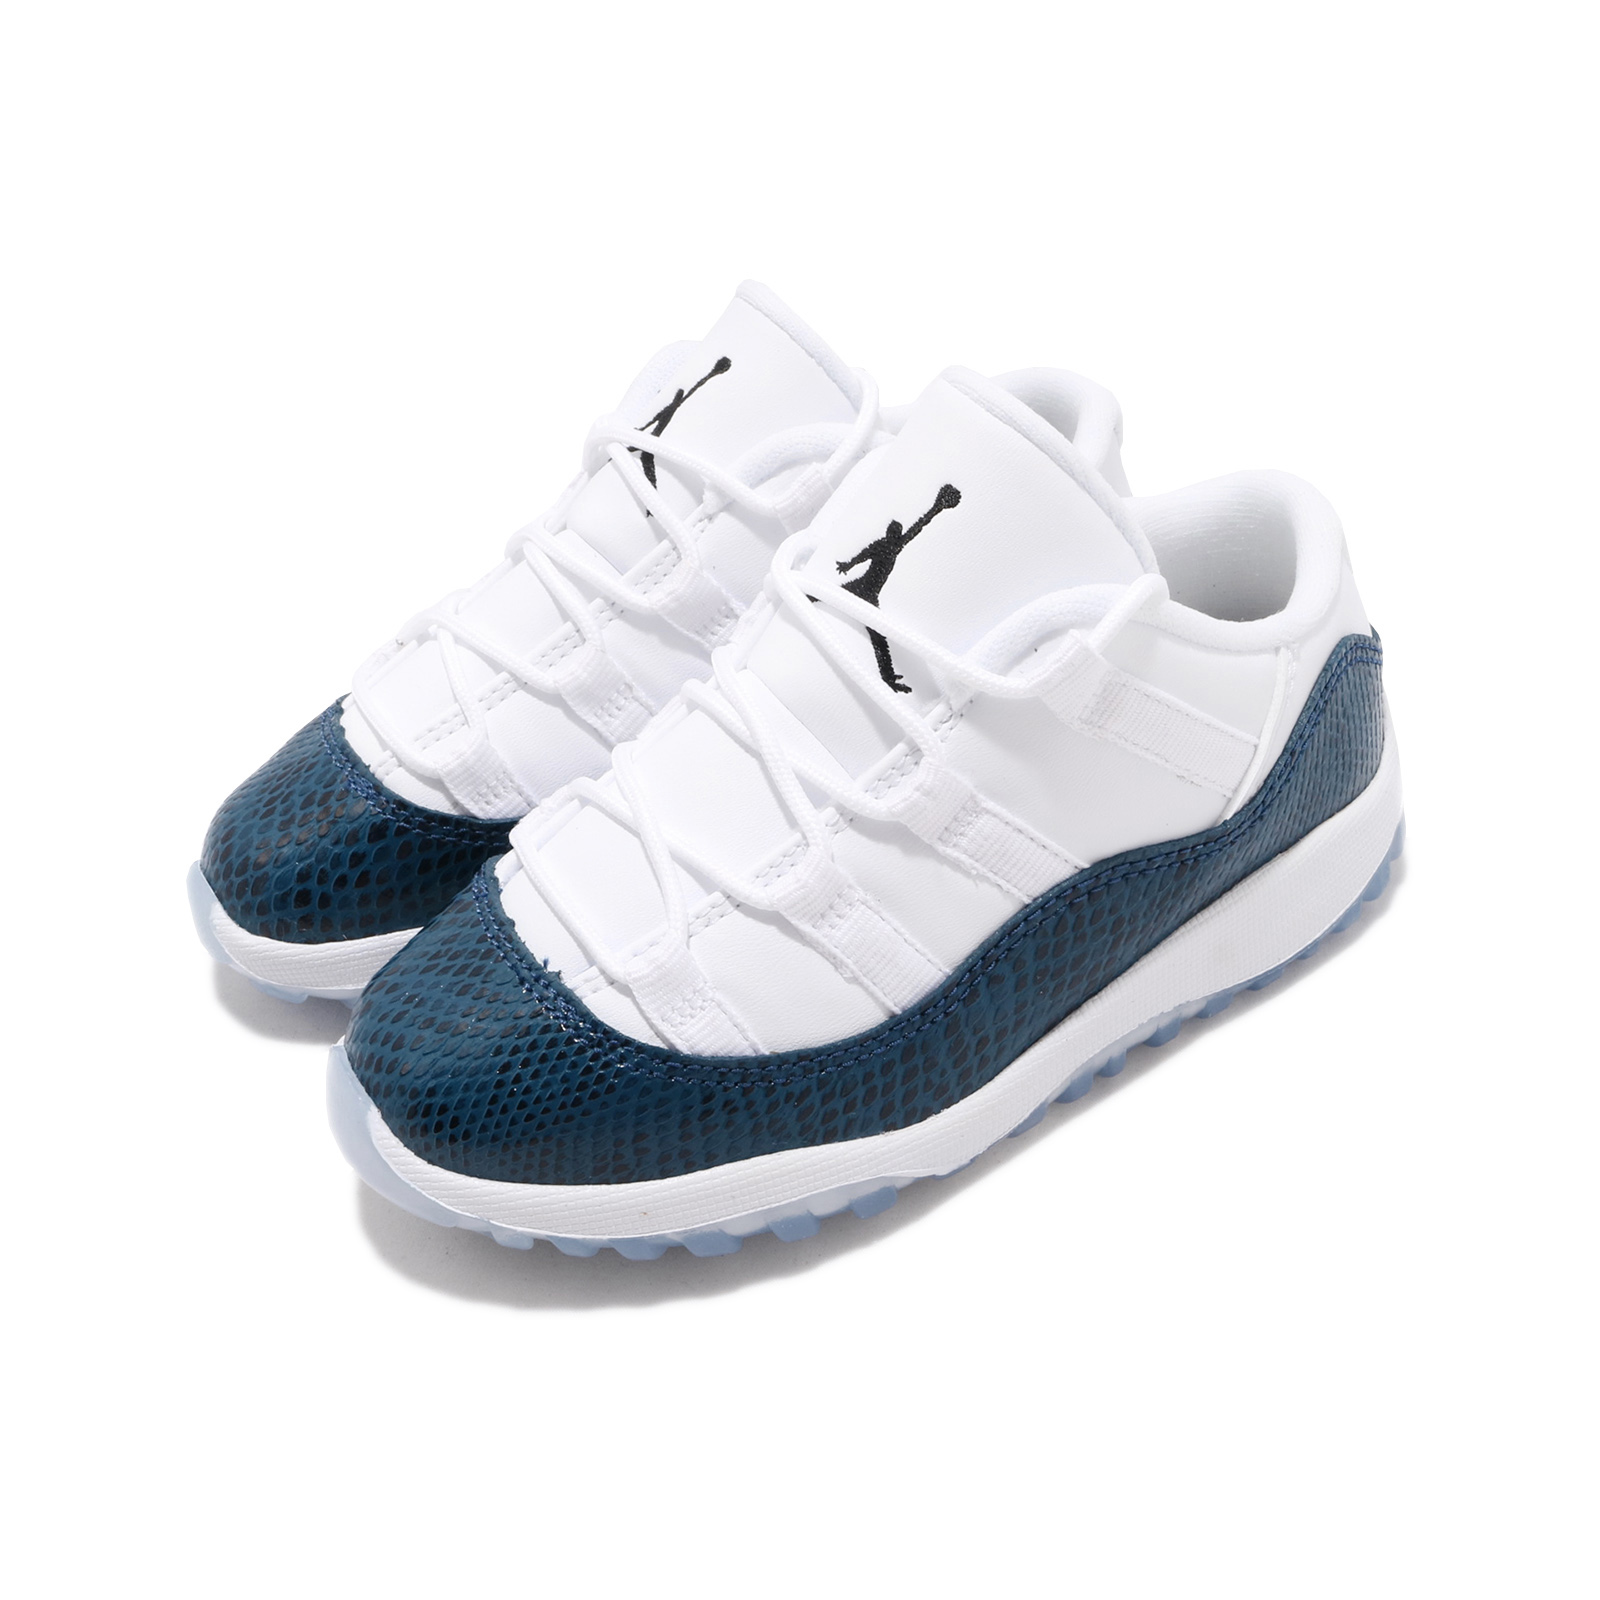 Nike 休閒鞋 Jordan 11 Retro Low 童鞋 CD6849-102